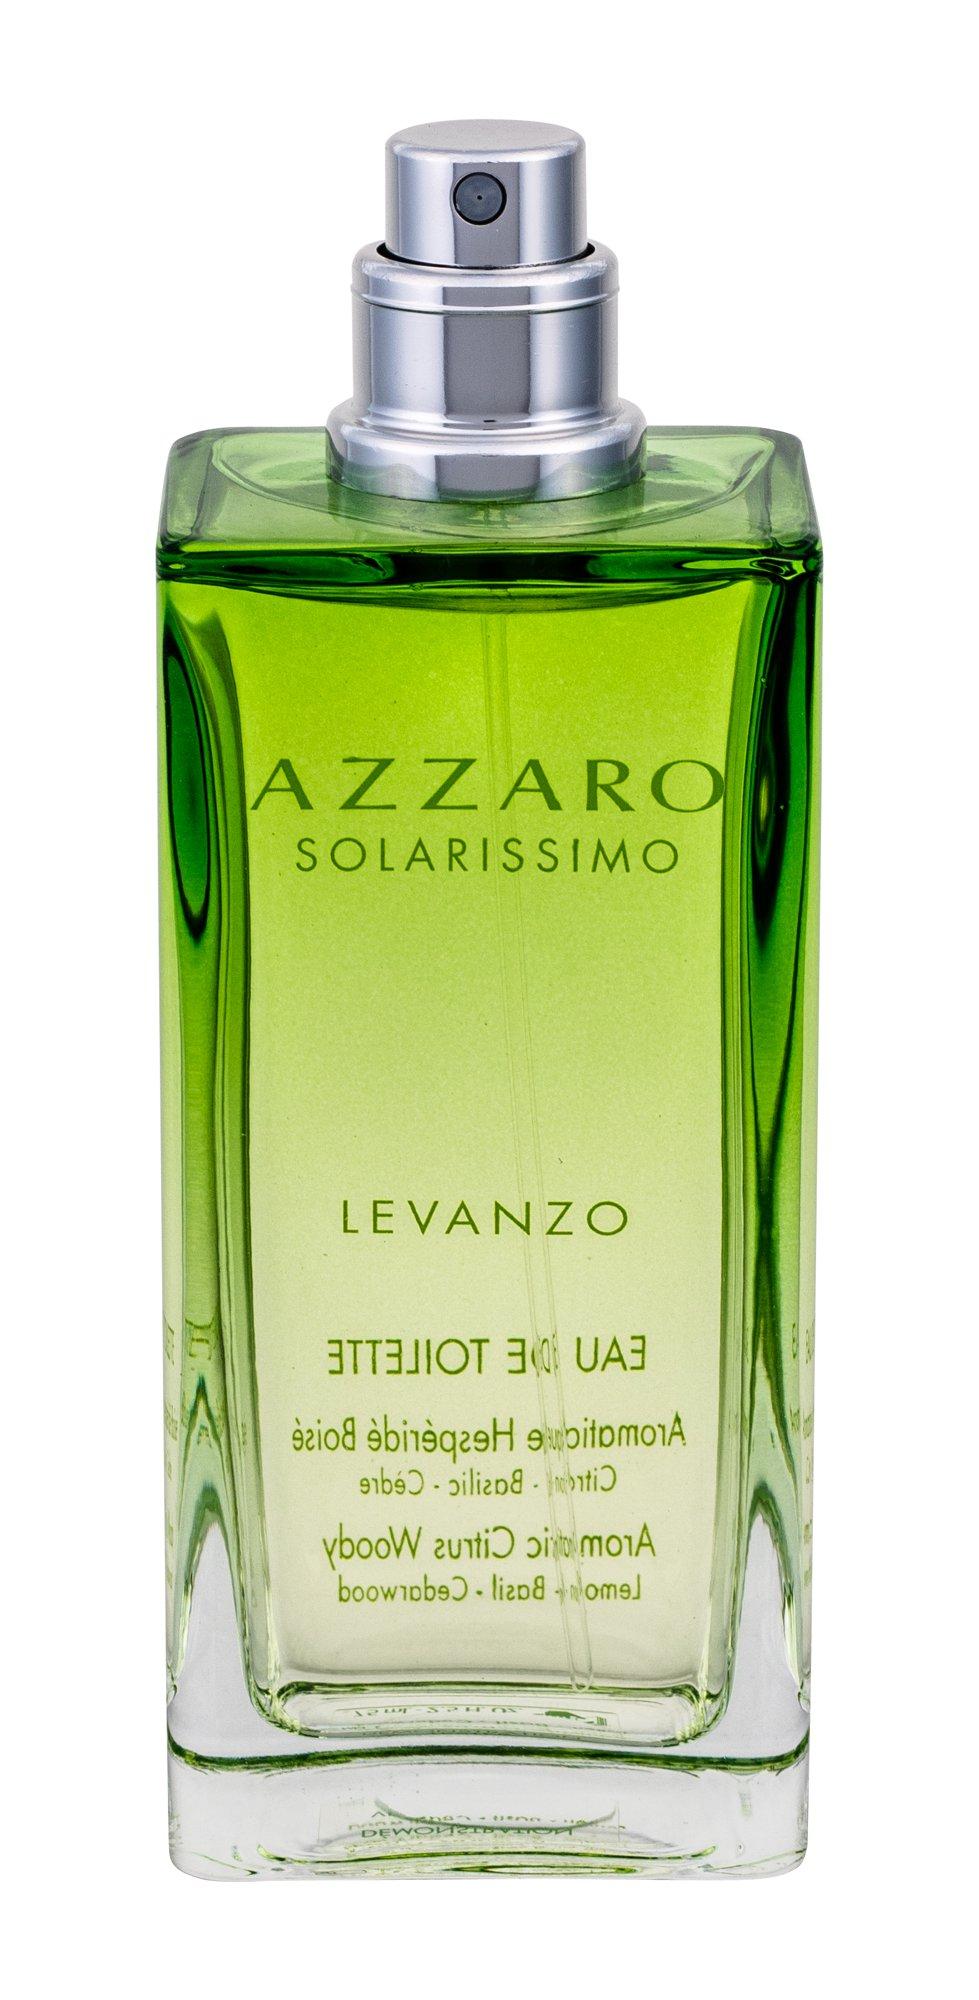 Azzaro Solarissimo Levanzo (M)